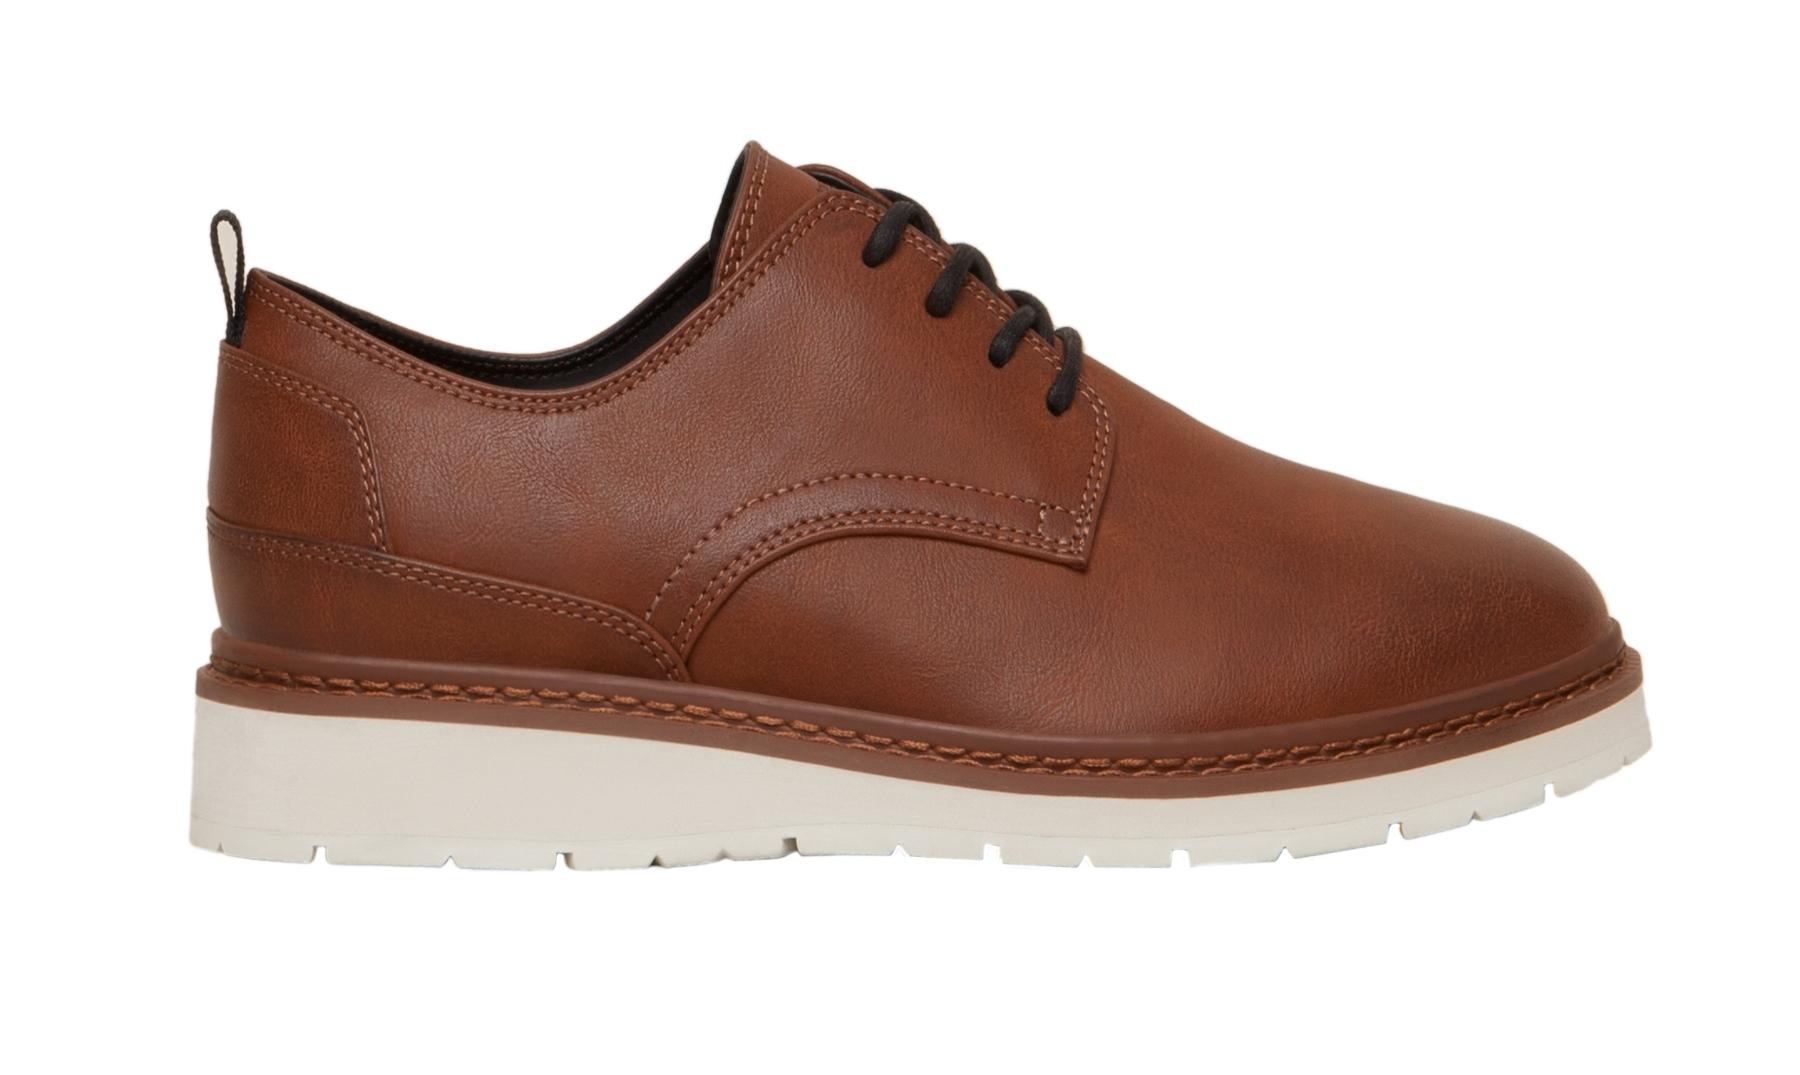 Коллекция обуви весна-лето 2016 от PULL&BEAR